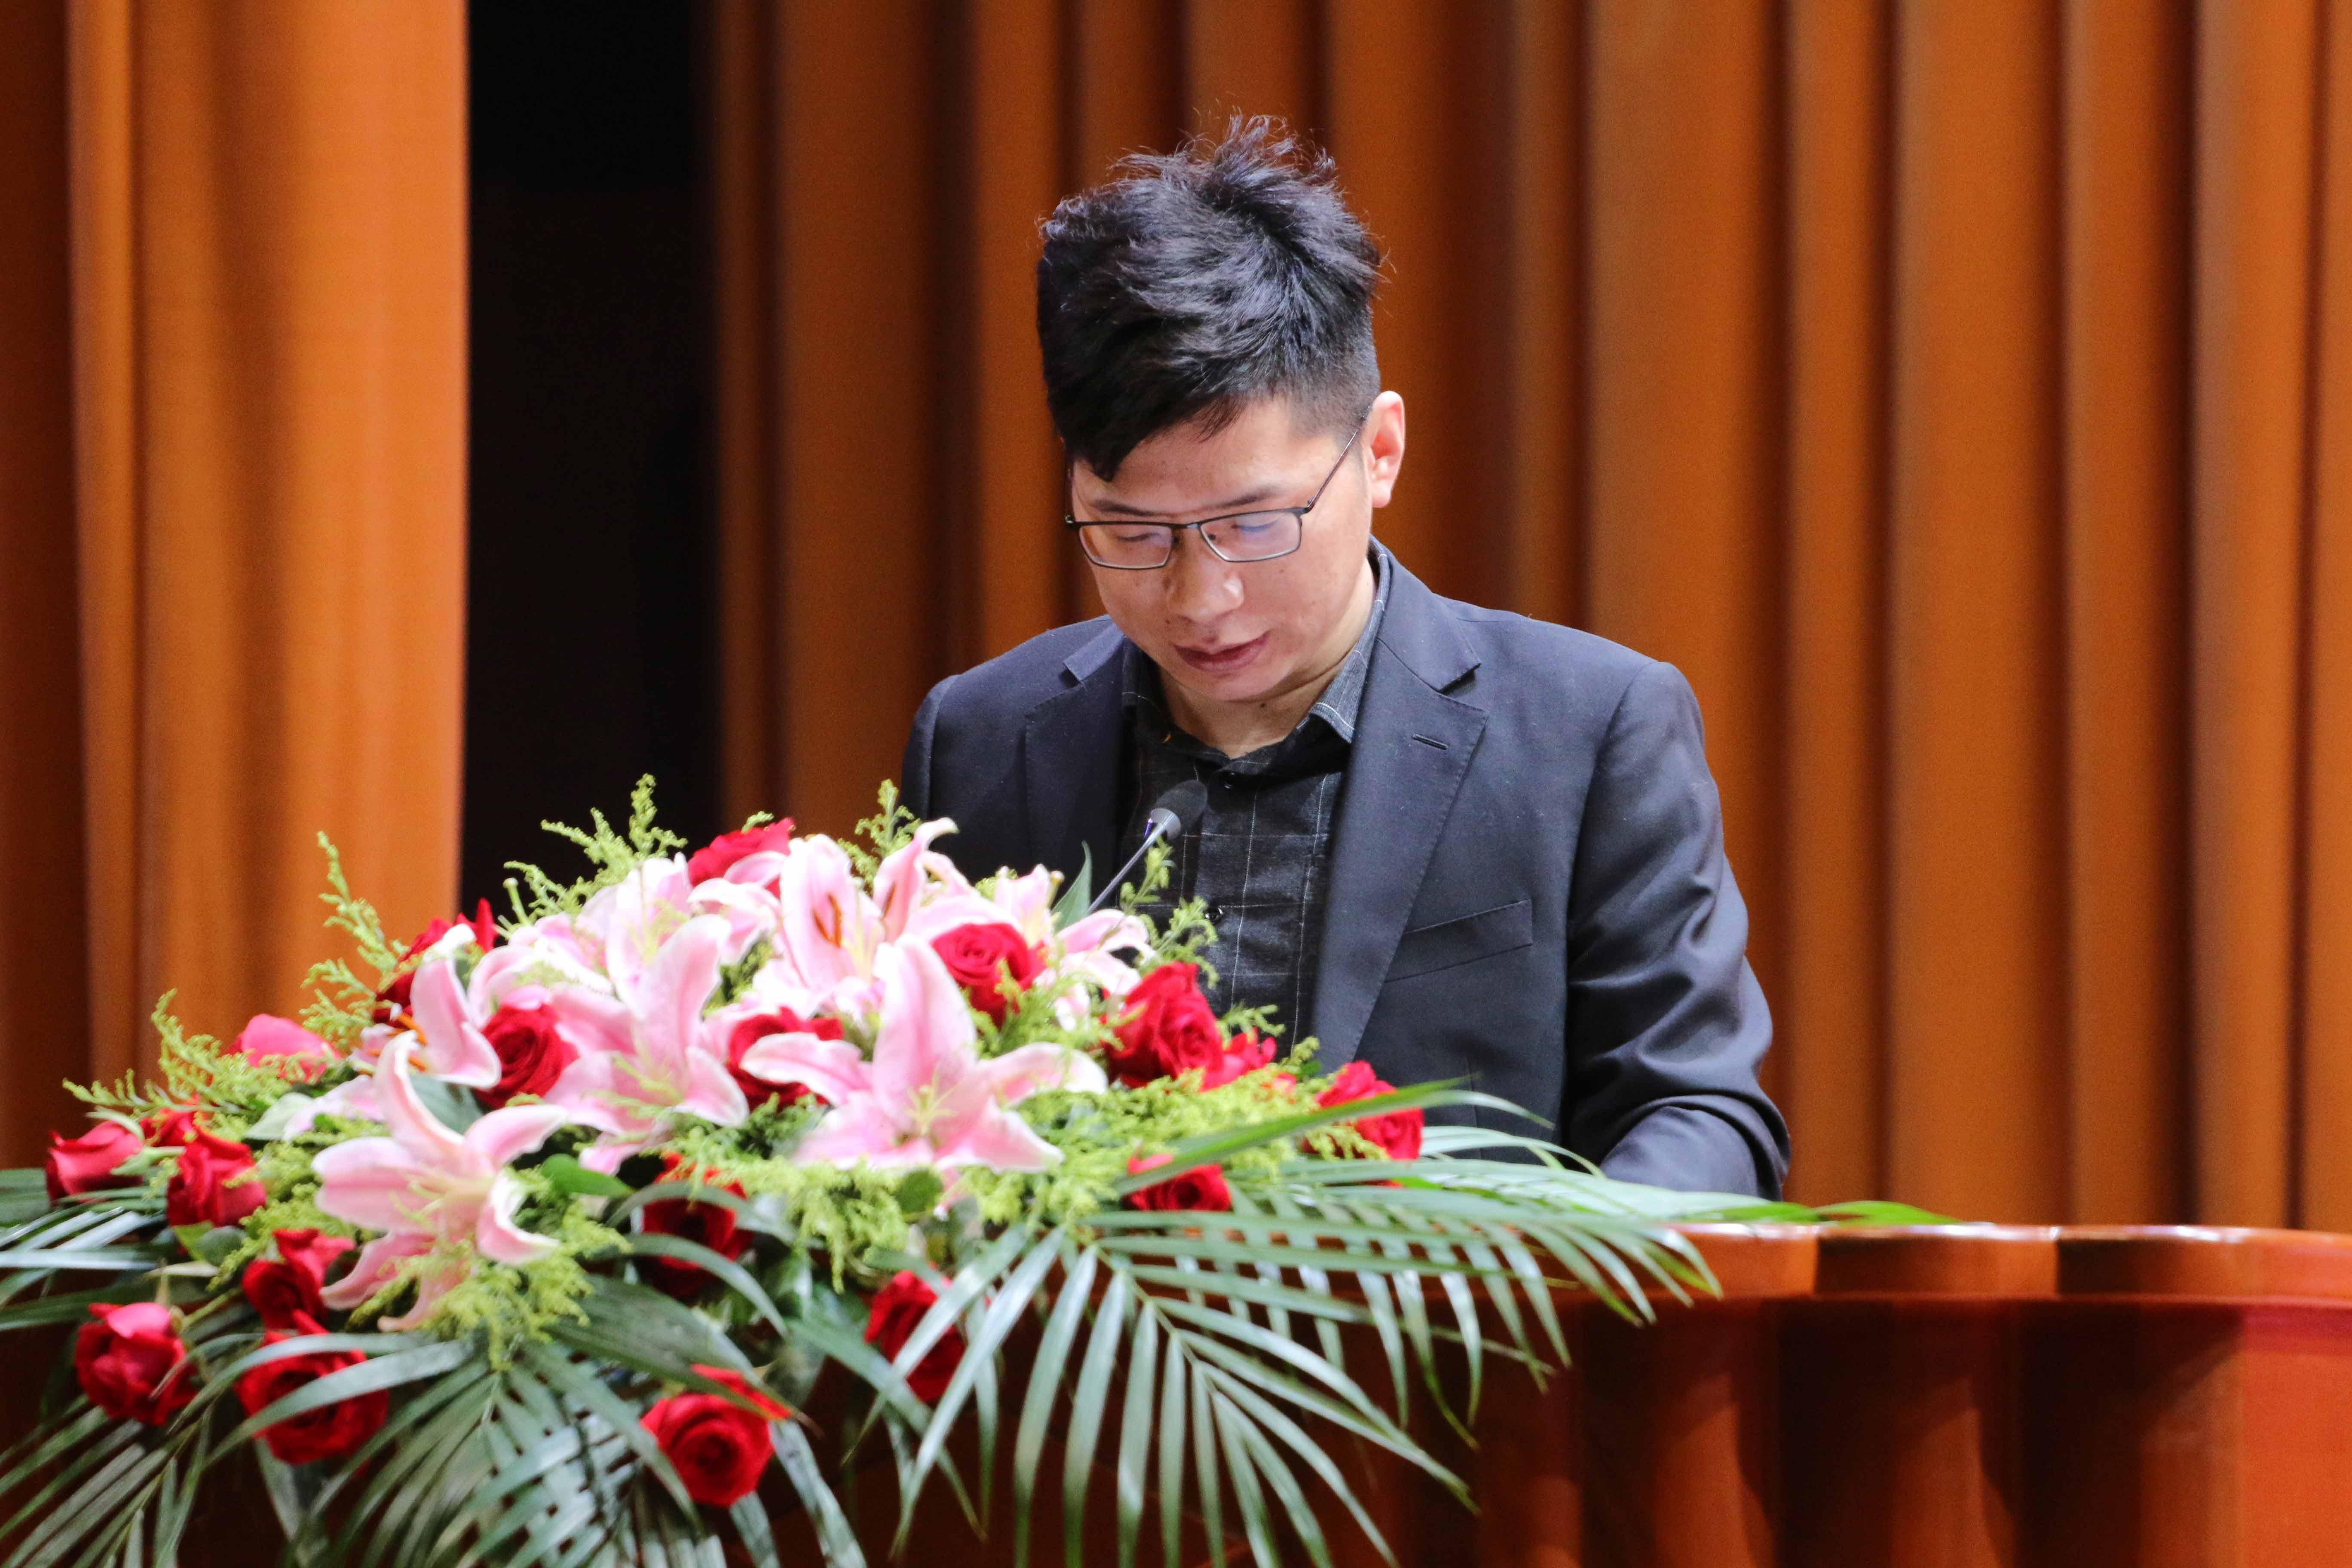 丹阳市飞达金属贸易有限公司总经理朱立发言